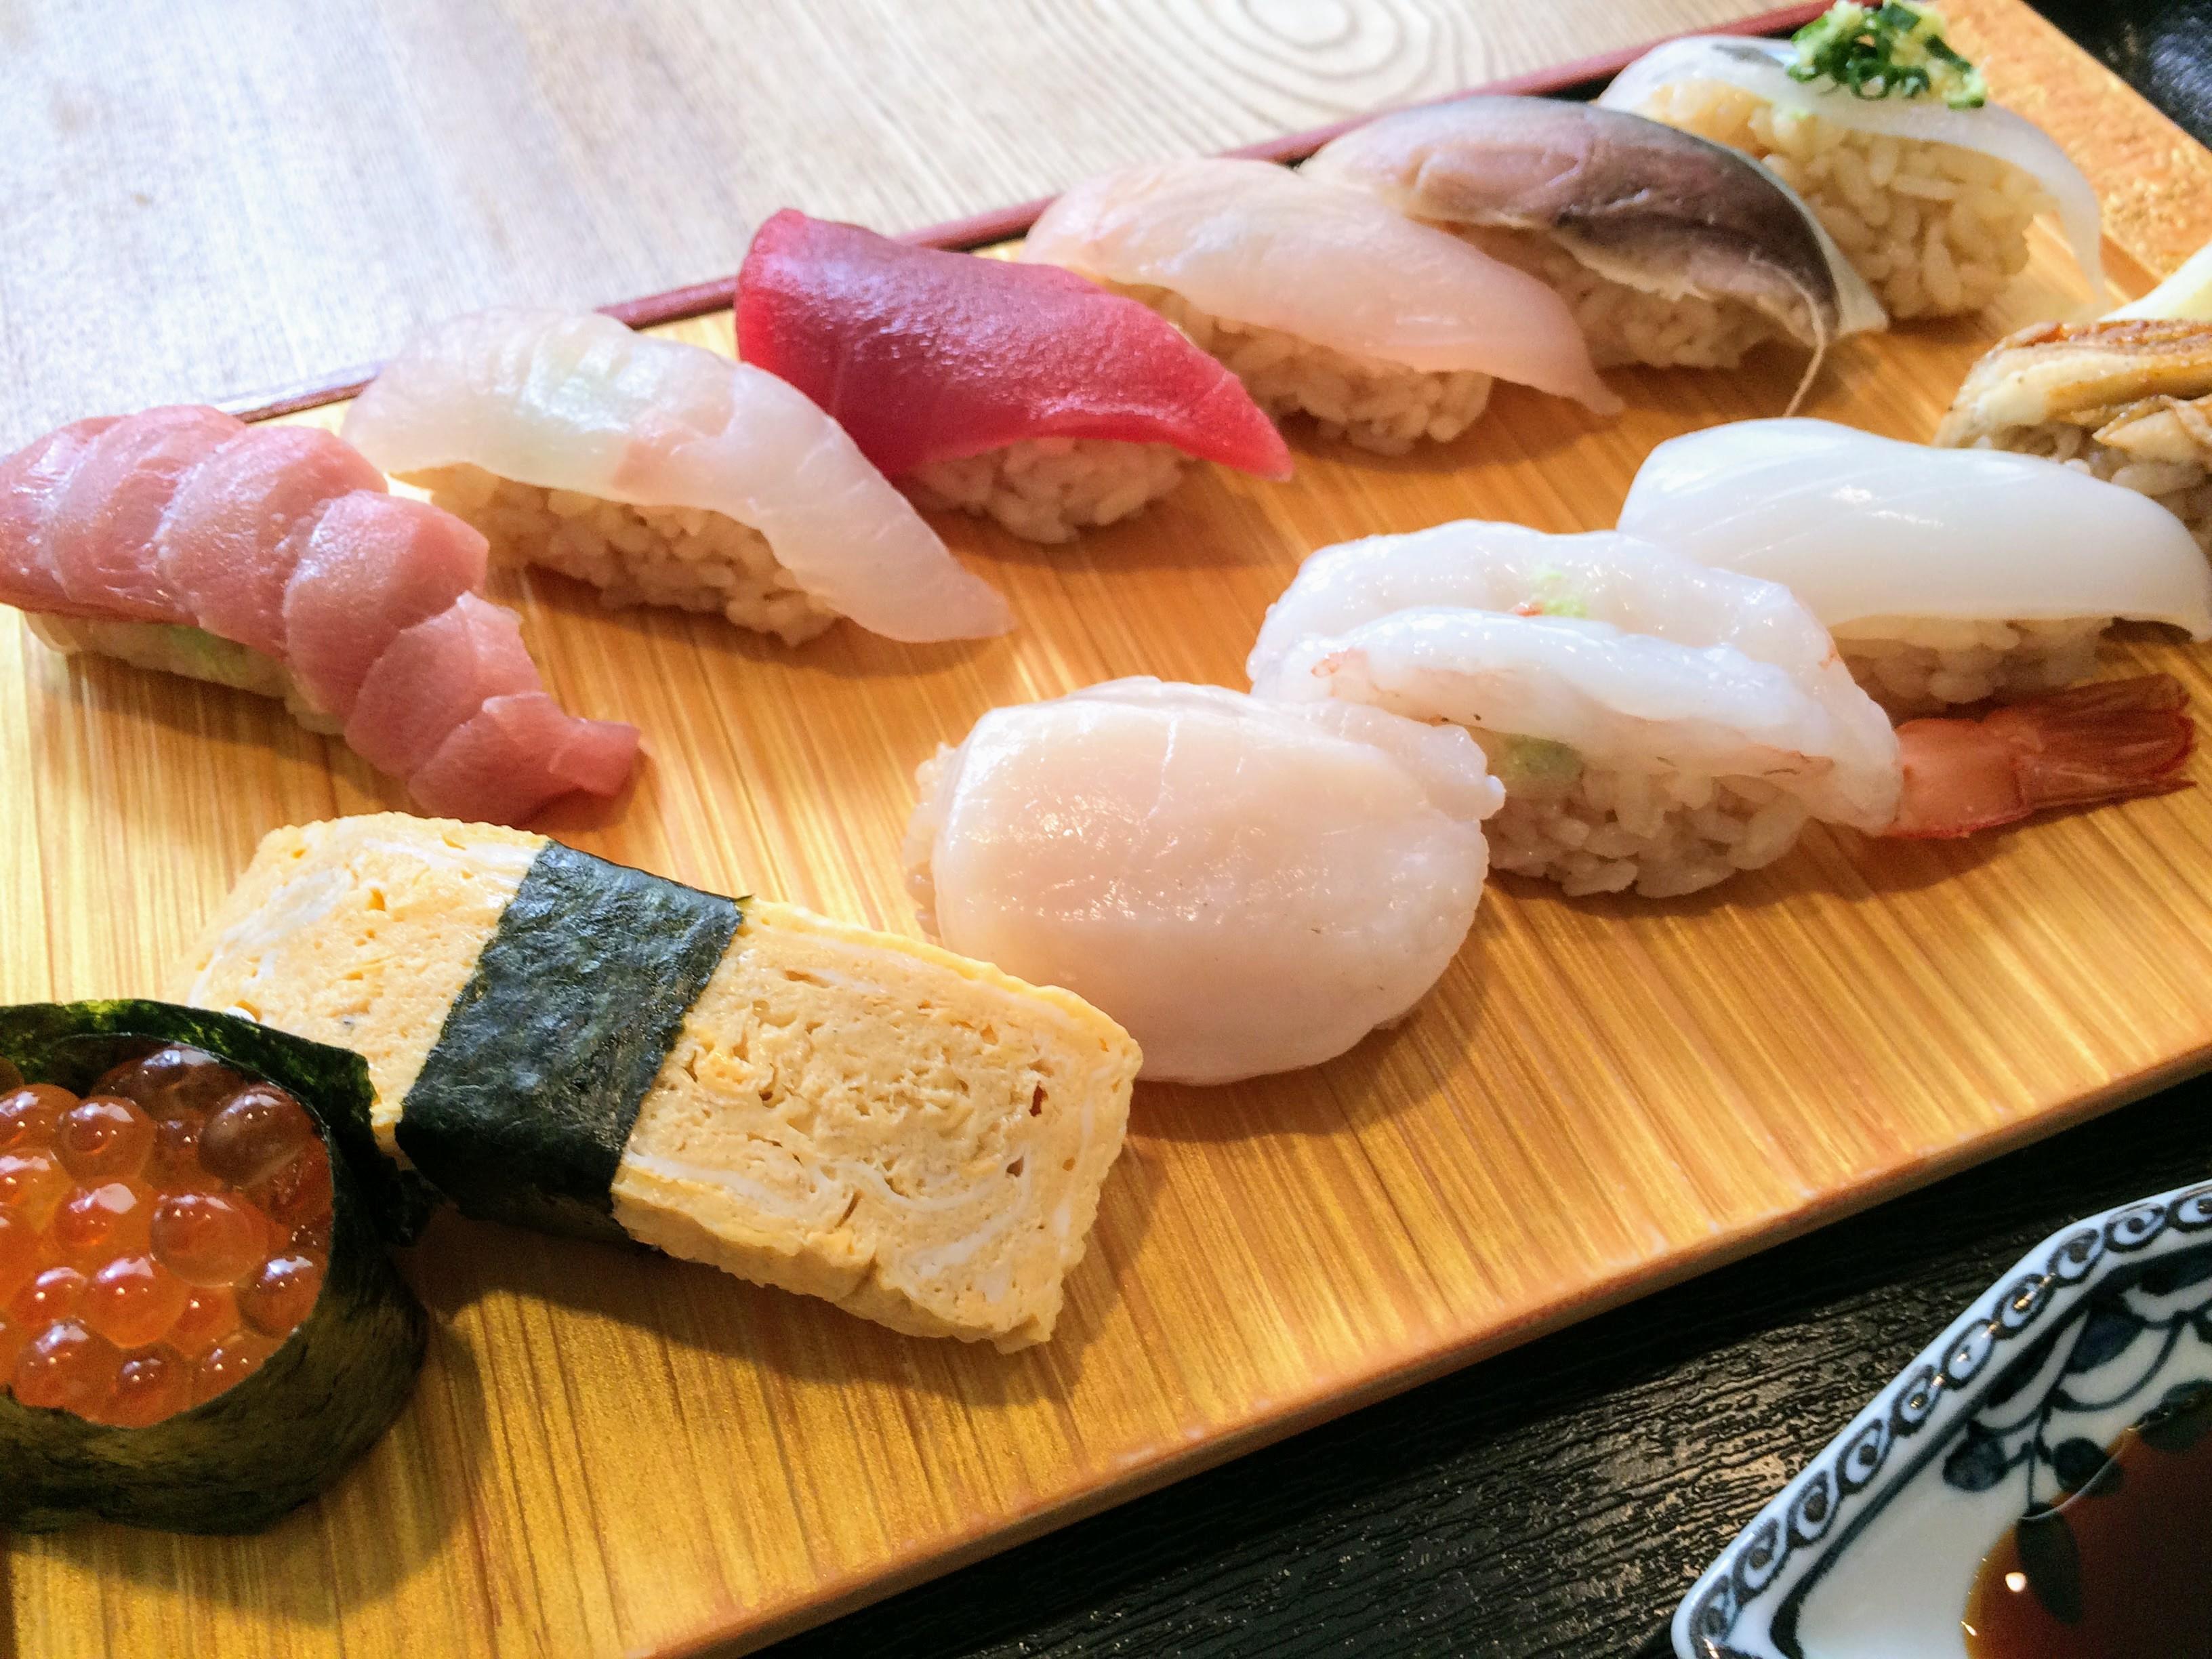 代々木の寿司高瀬のランチ寿司